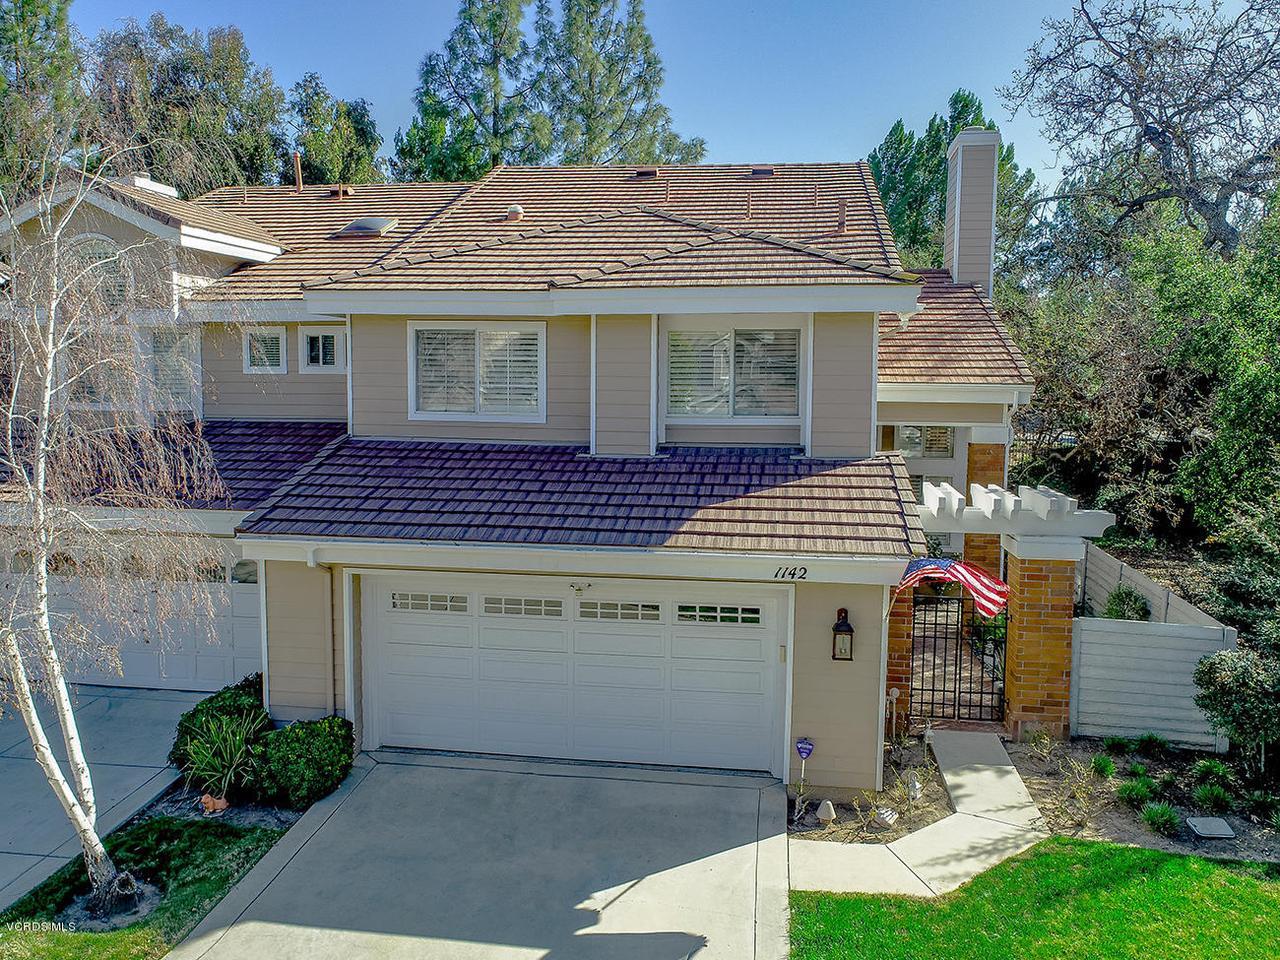 Photo of 1142 WESTCREEK LANE, Westlake Village, CA 91362